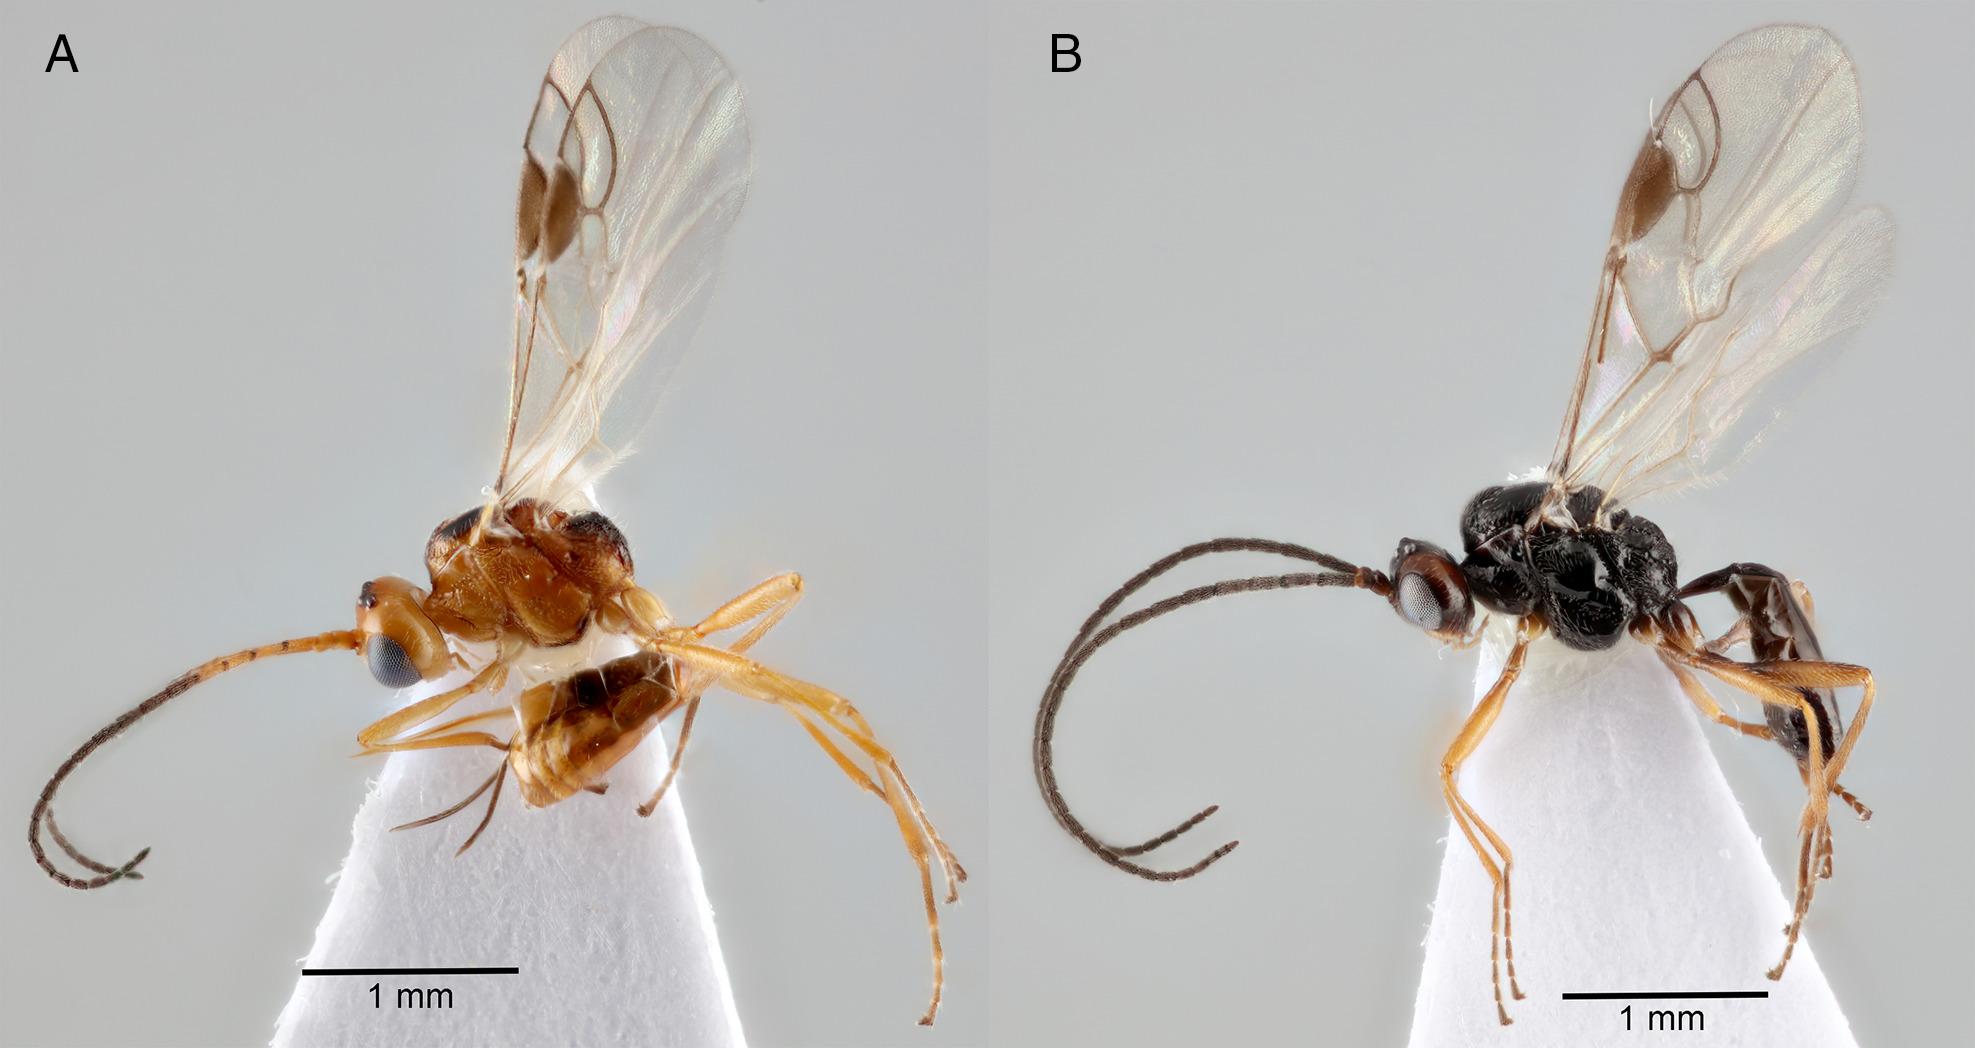 a szarvasmarha galandféregből hiányzik a rendszer szarvasmarha galandféreg proglottid